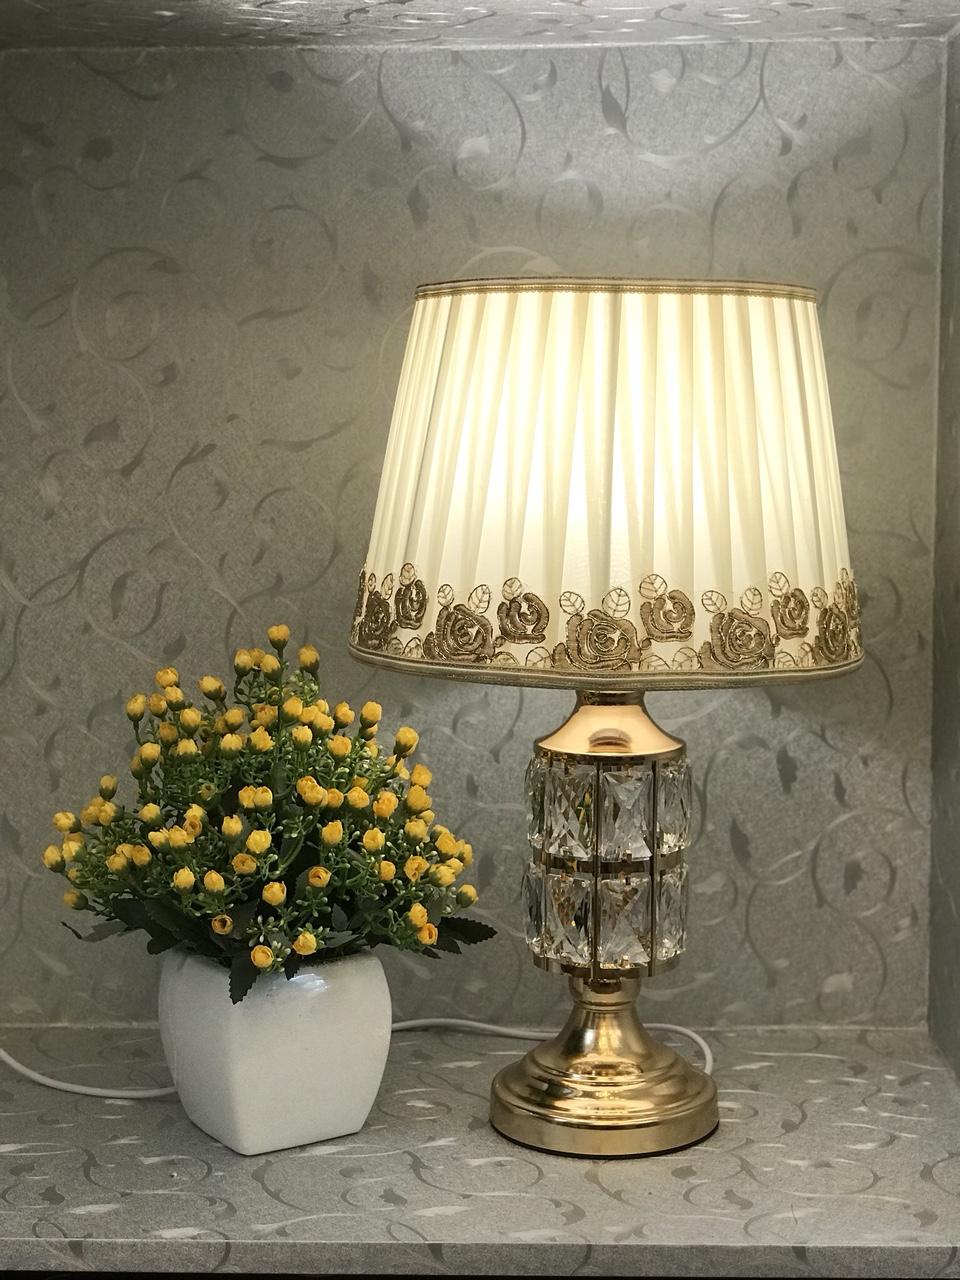 Đèn ngủ -đèn ngủ để bàn pha lê - đèn trang trí phòng ngủ MB8659